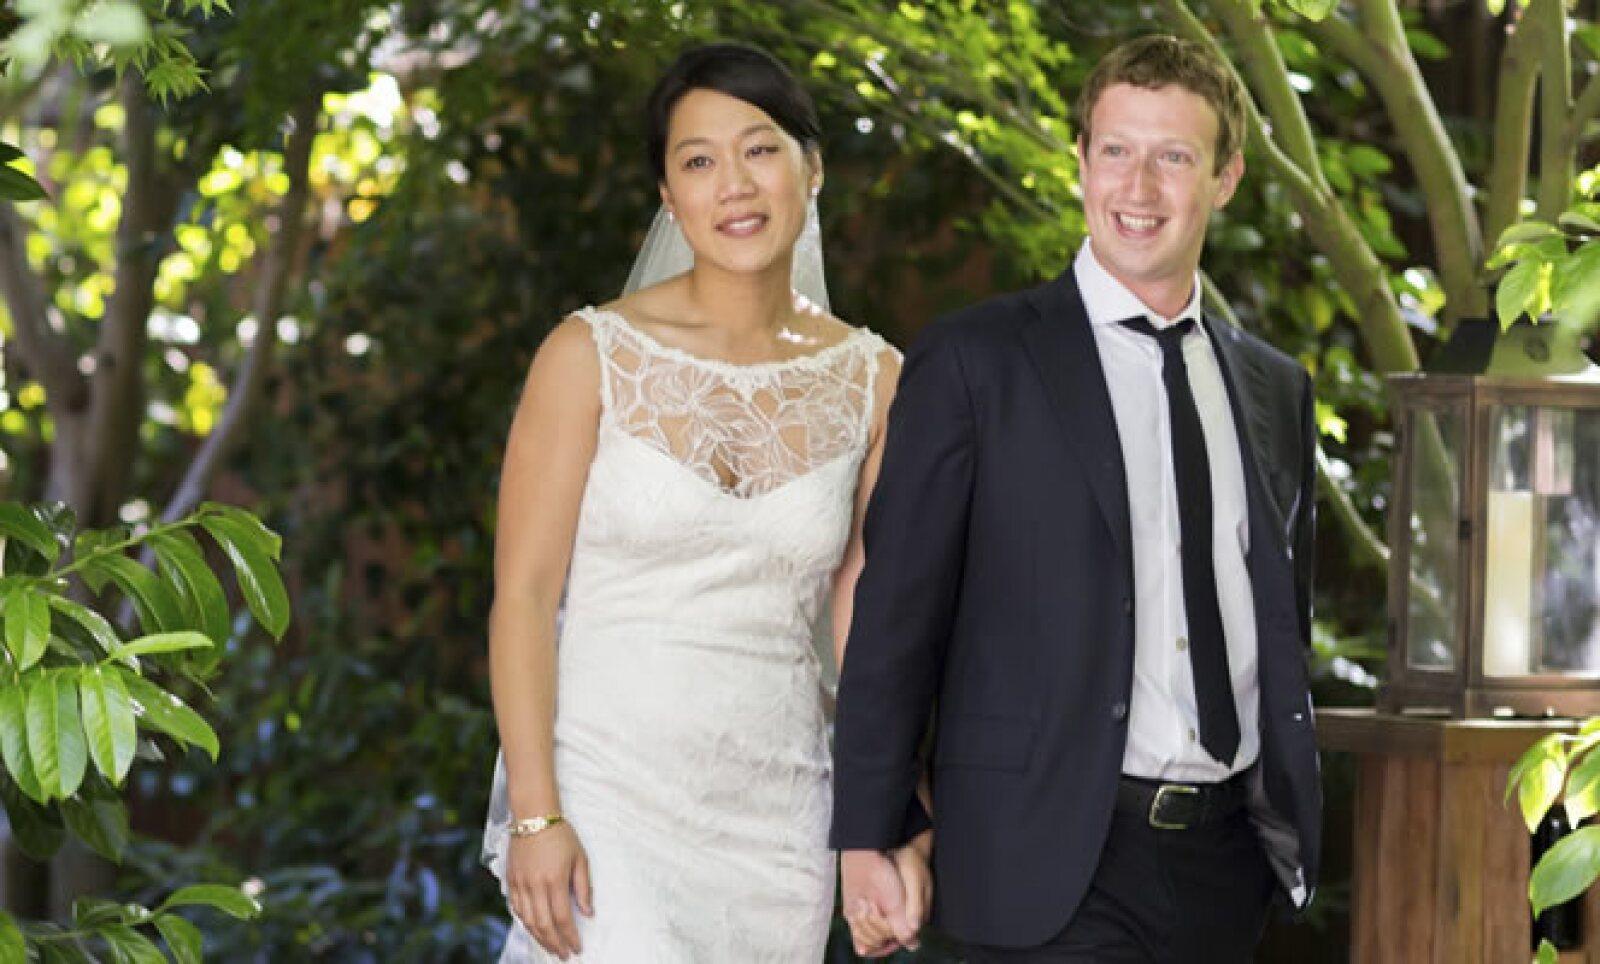 Un centenar de invitados acudieron al patio trasero de Zuckerberg pensando que iban a festejar a Chan, quien el 14 de mayo se graduó de la carrera de Medicina.